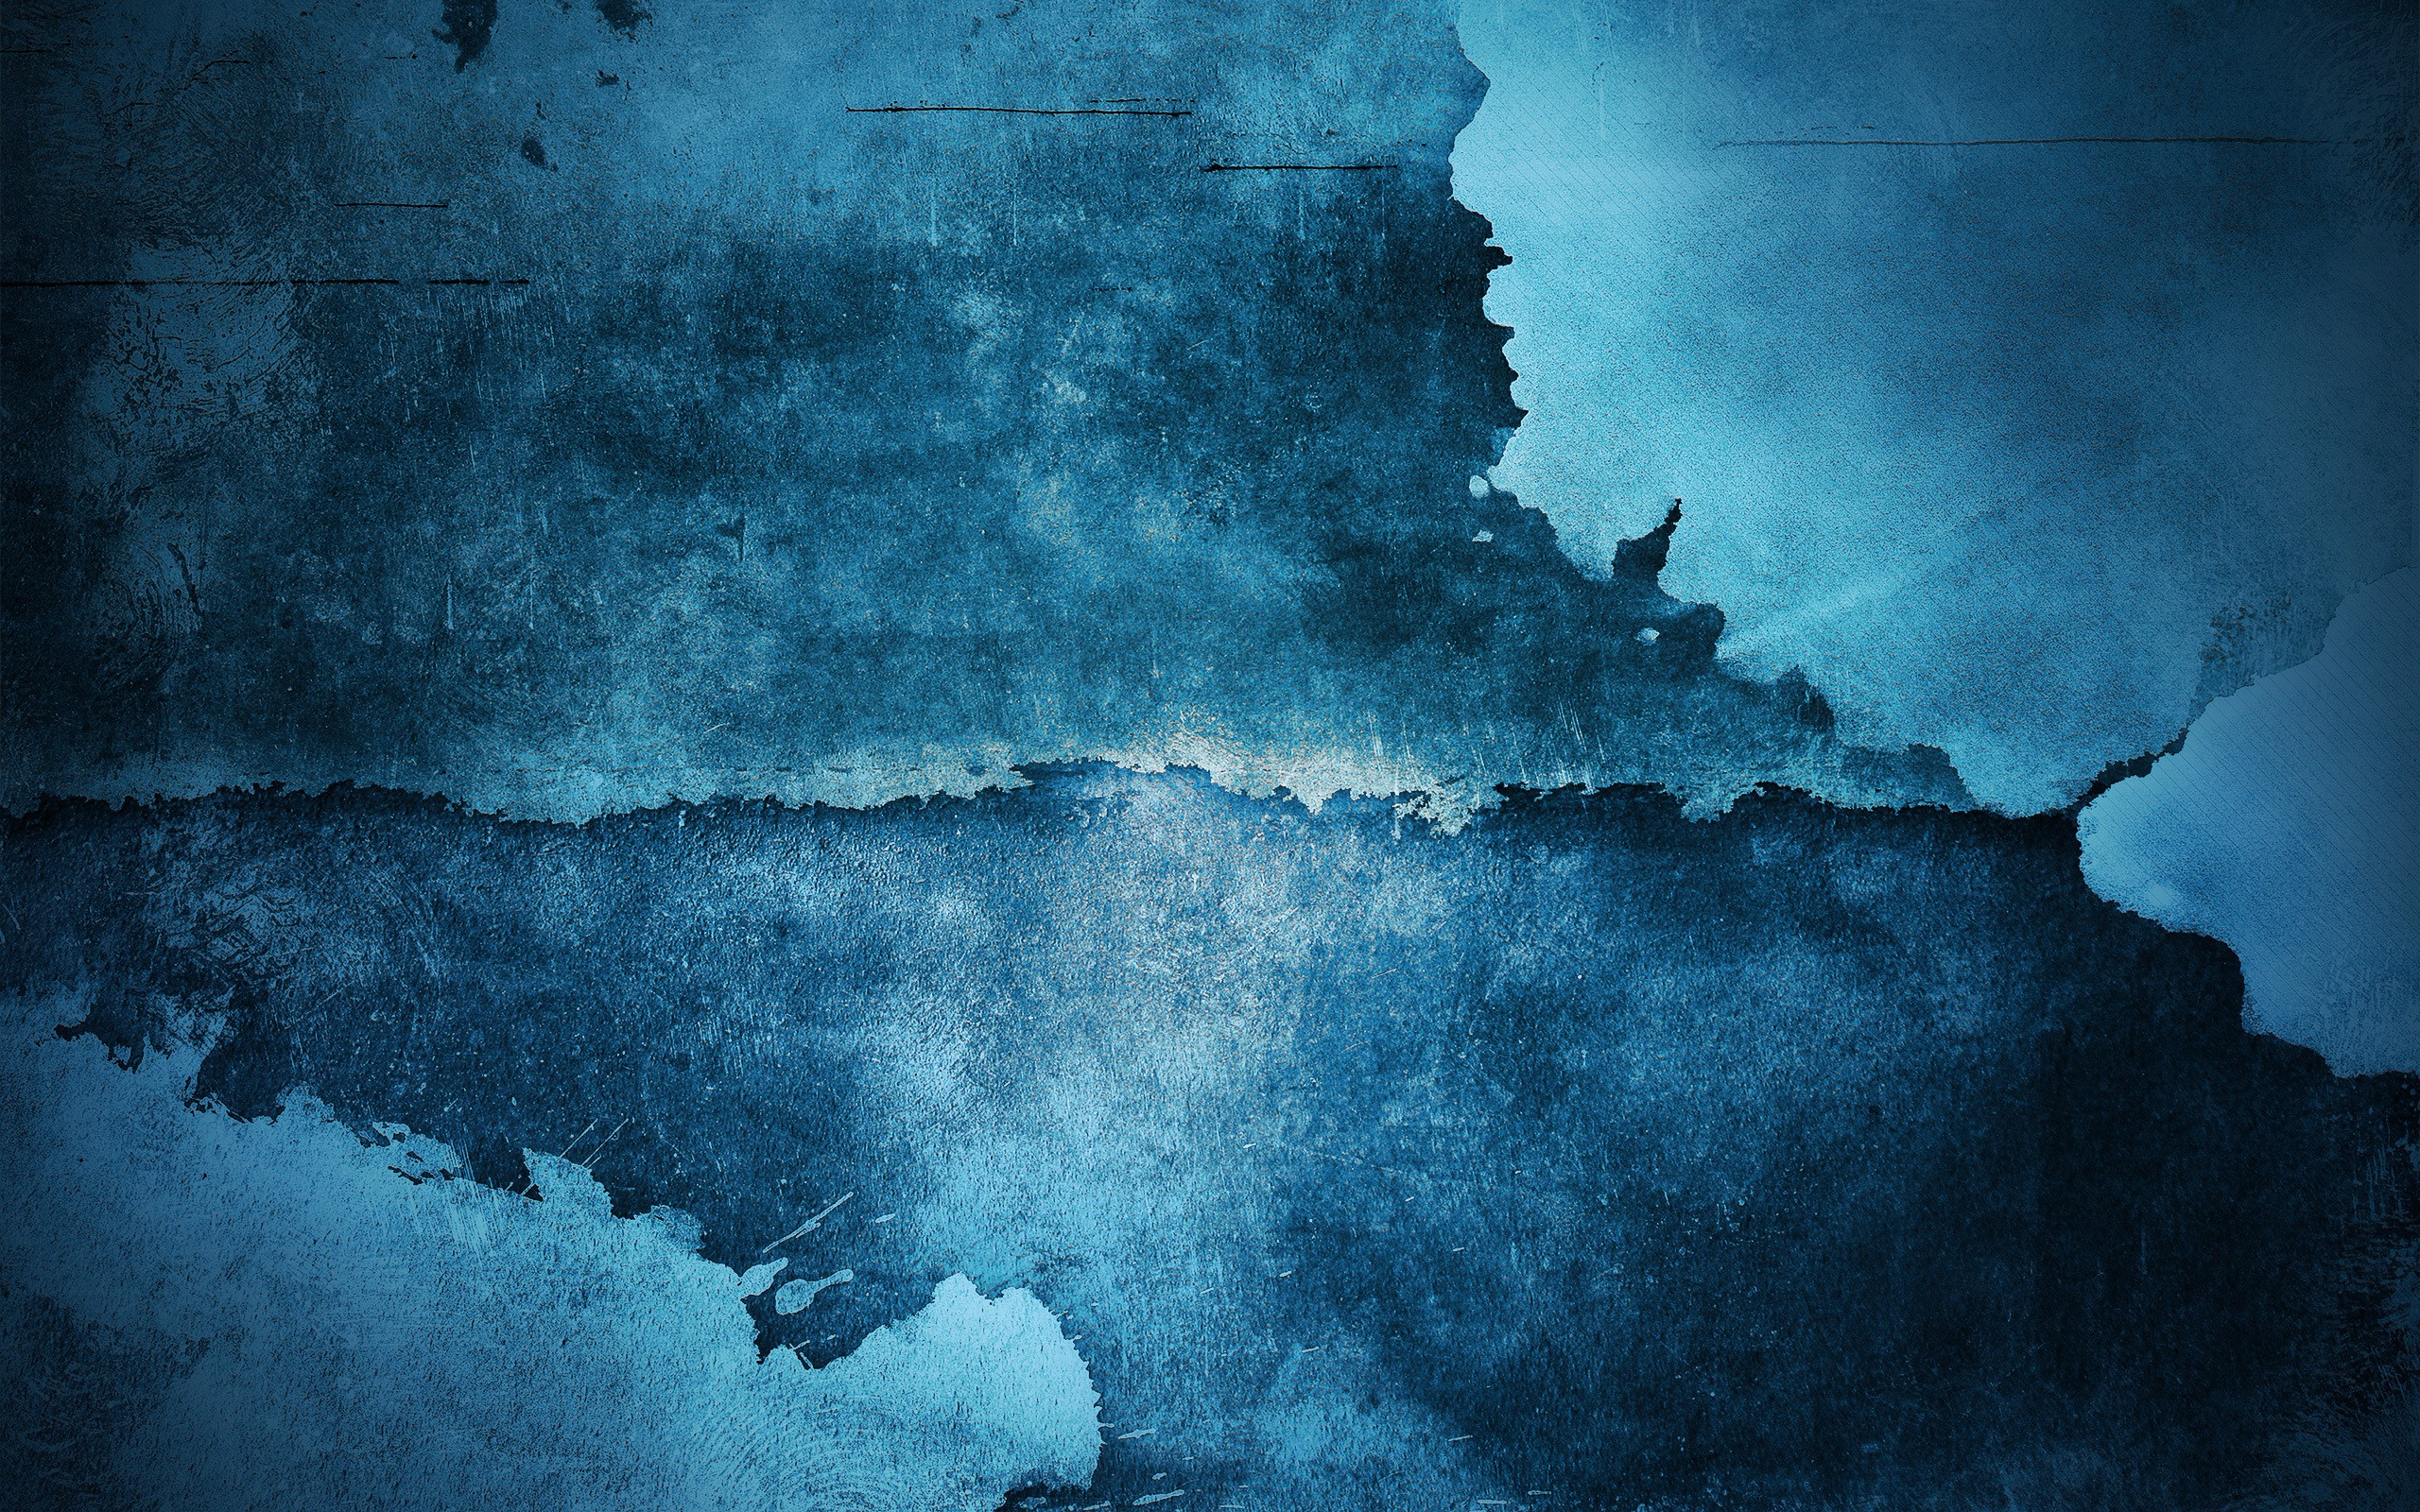 Blue Grunge Wallpaper 2560x1600 Blue Grunge Artwork Backgrounds 2560x1600